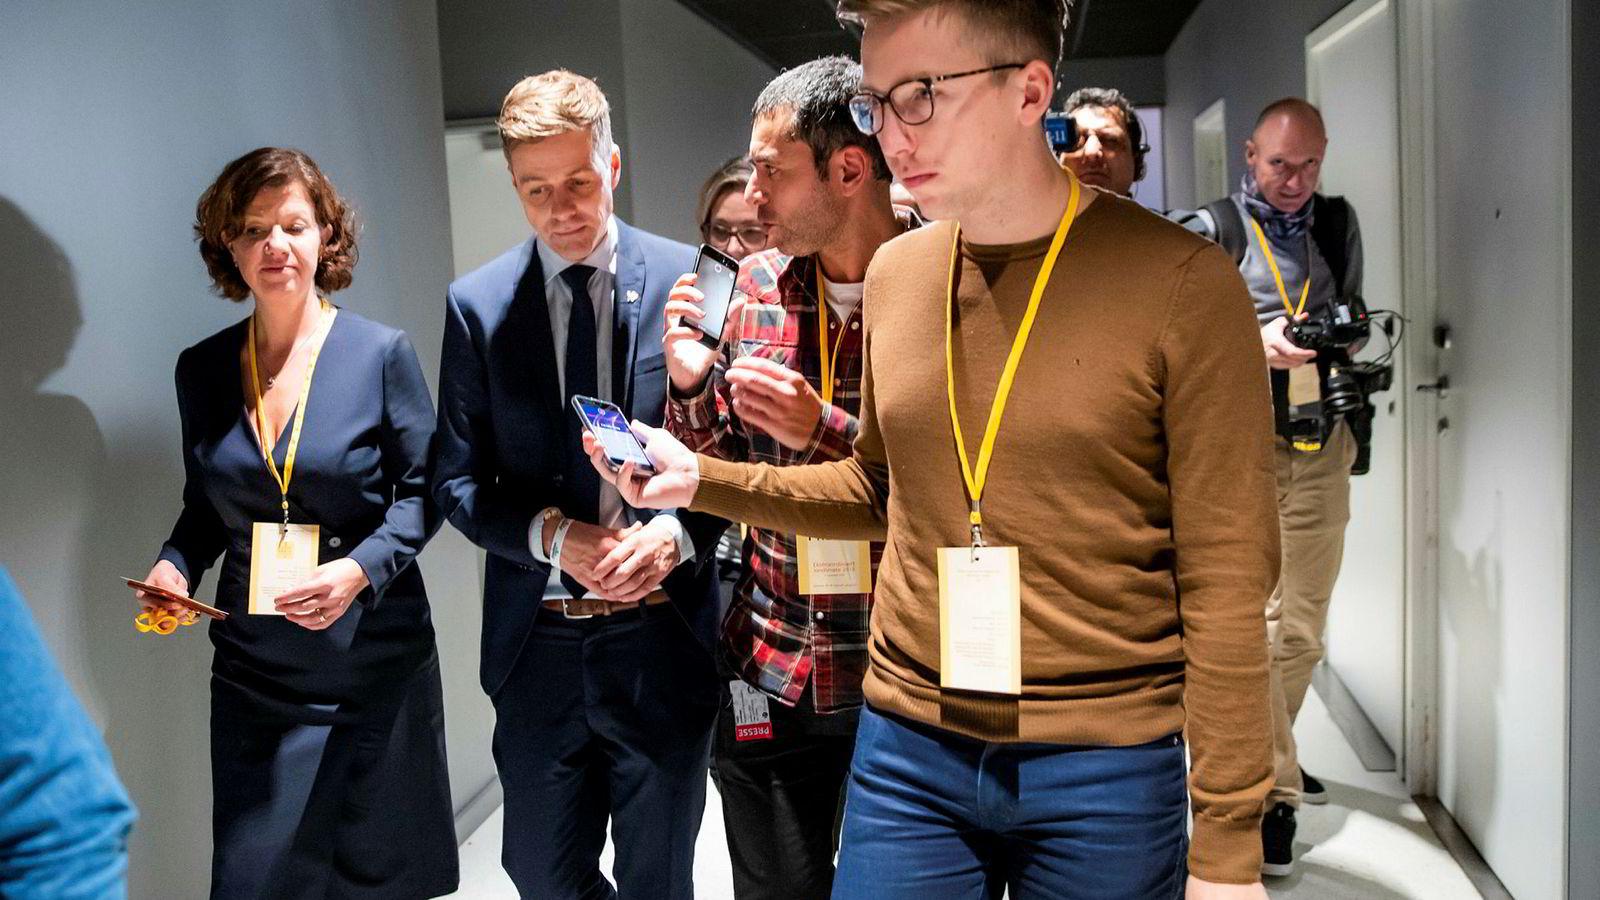 VG-journalist Lars Joakim Skarvøy (i brun genser) intervjuet partileder Knut Arild Hareide etter lunsjpausen på KrFs ekstraordinære landsmøte på Gardermoen fredag 2. november.